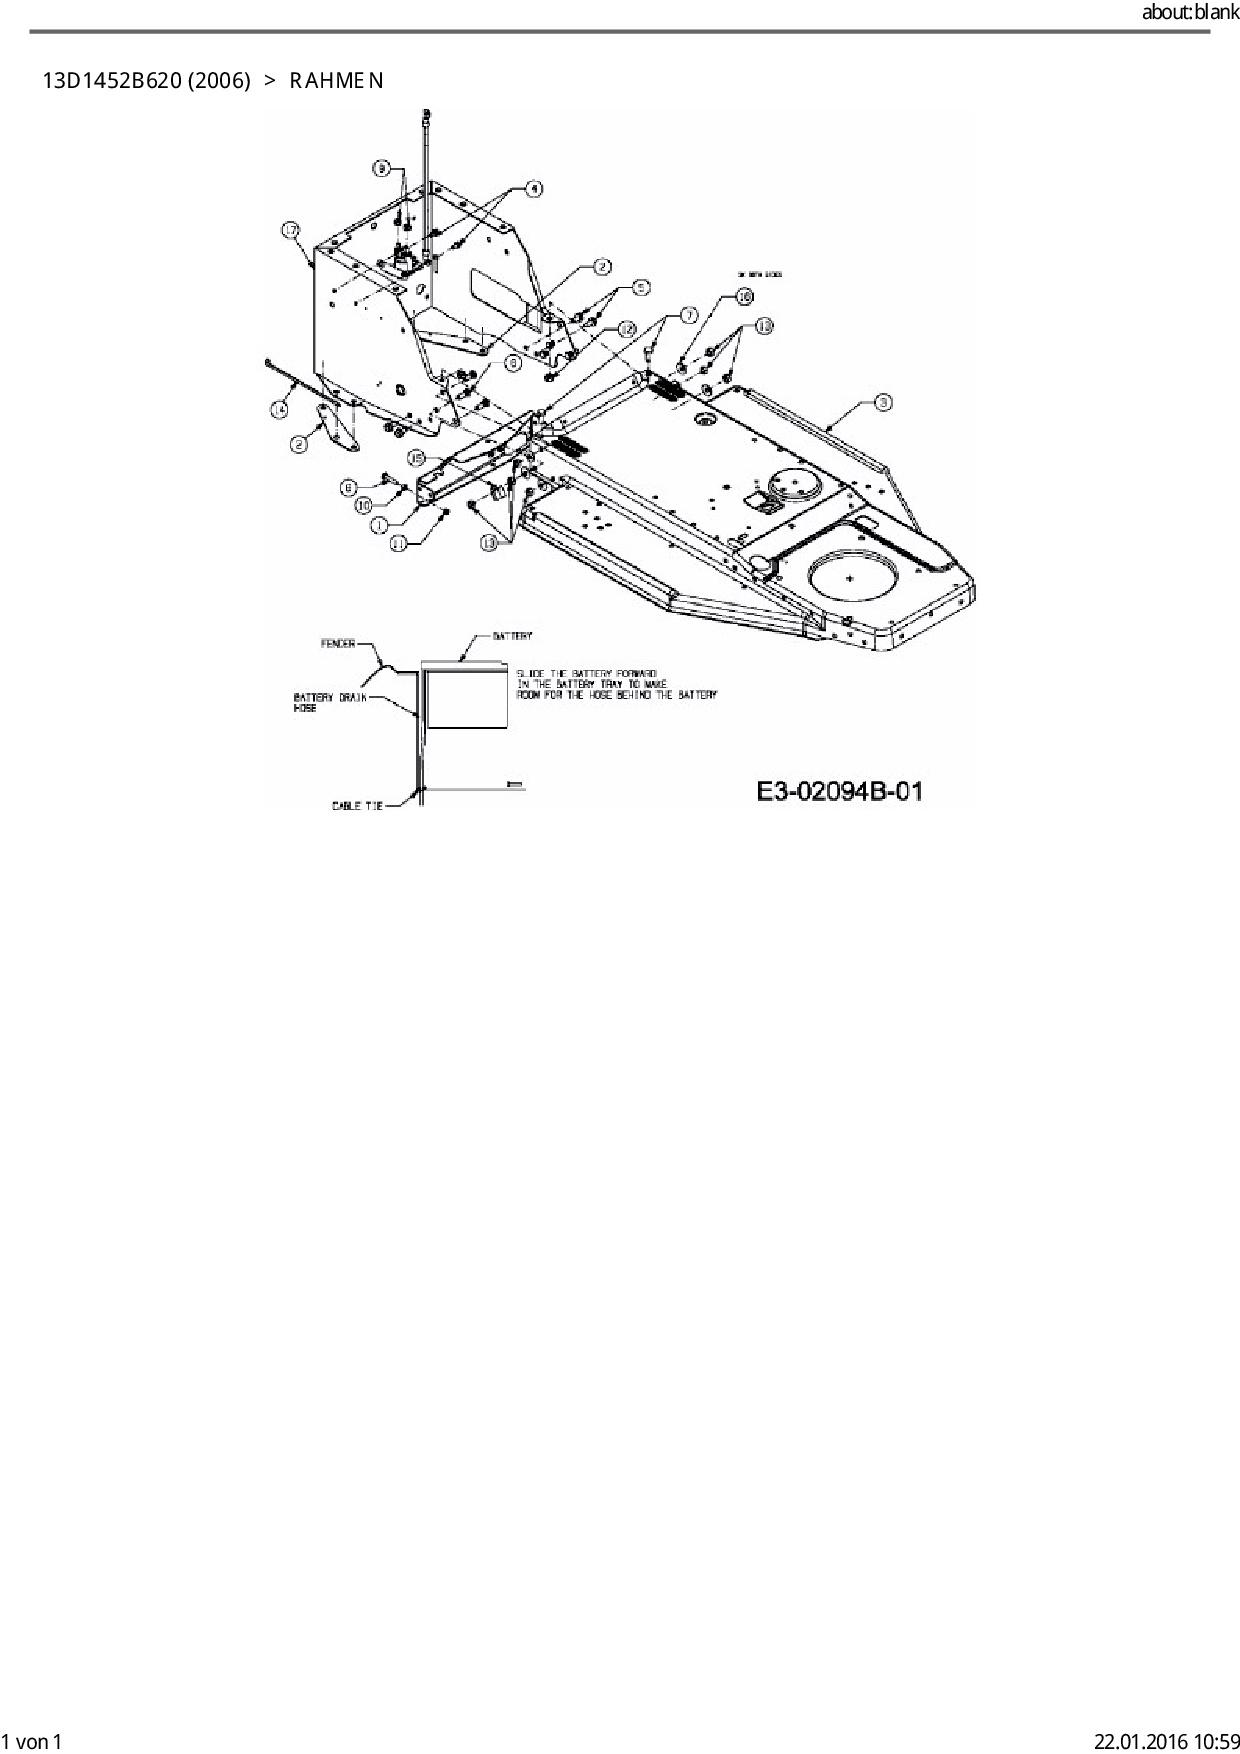 Ersatzteile von CMI Rasentraktor 91-12 aus der Zeichnung Rahmen